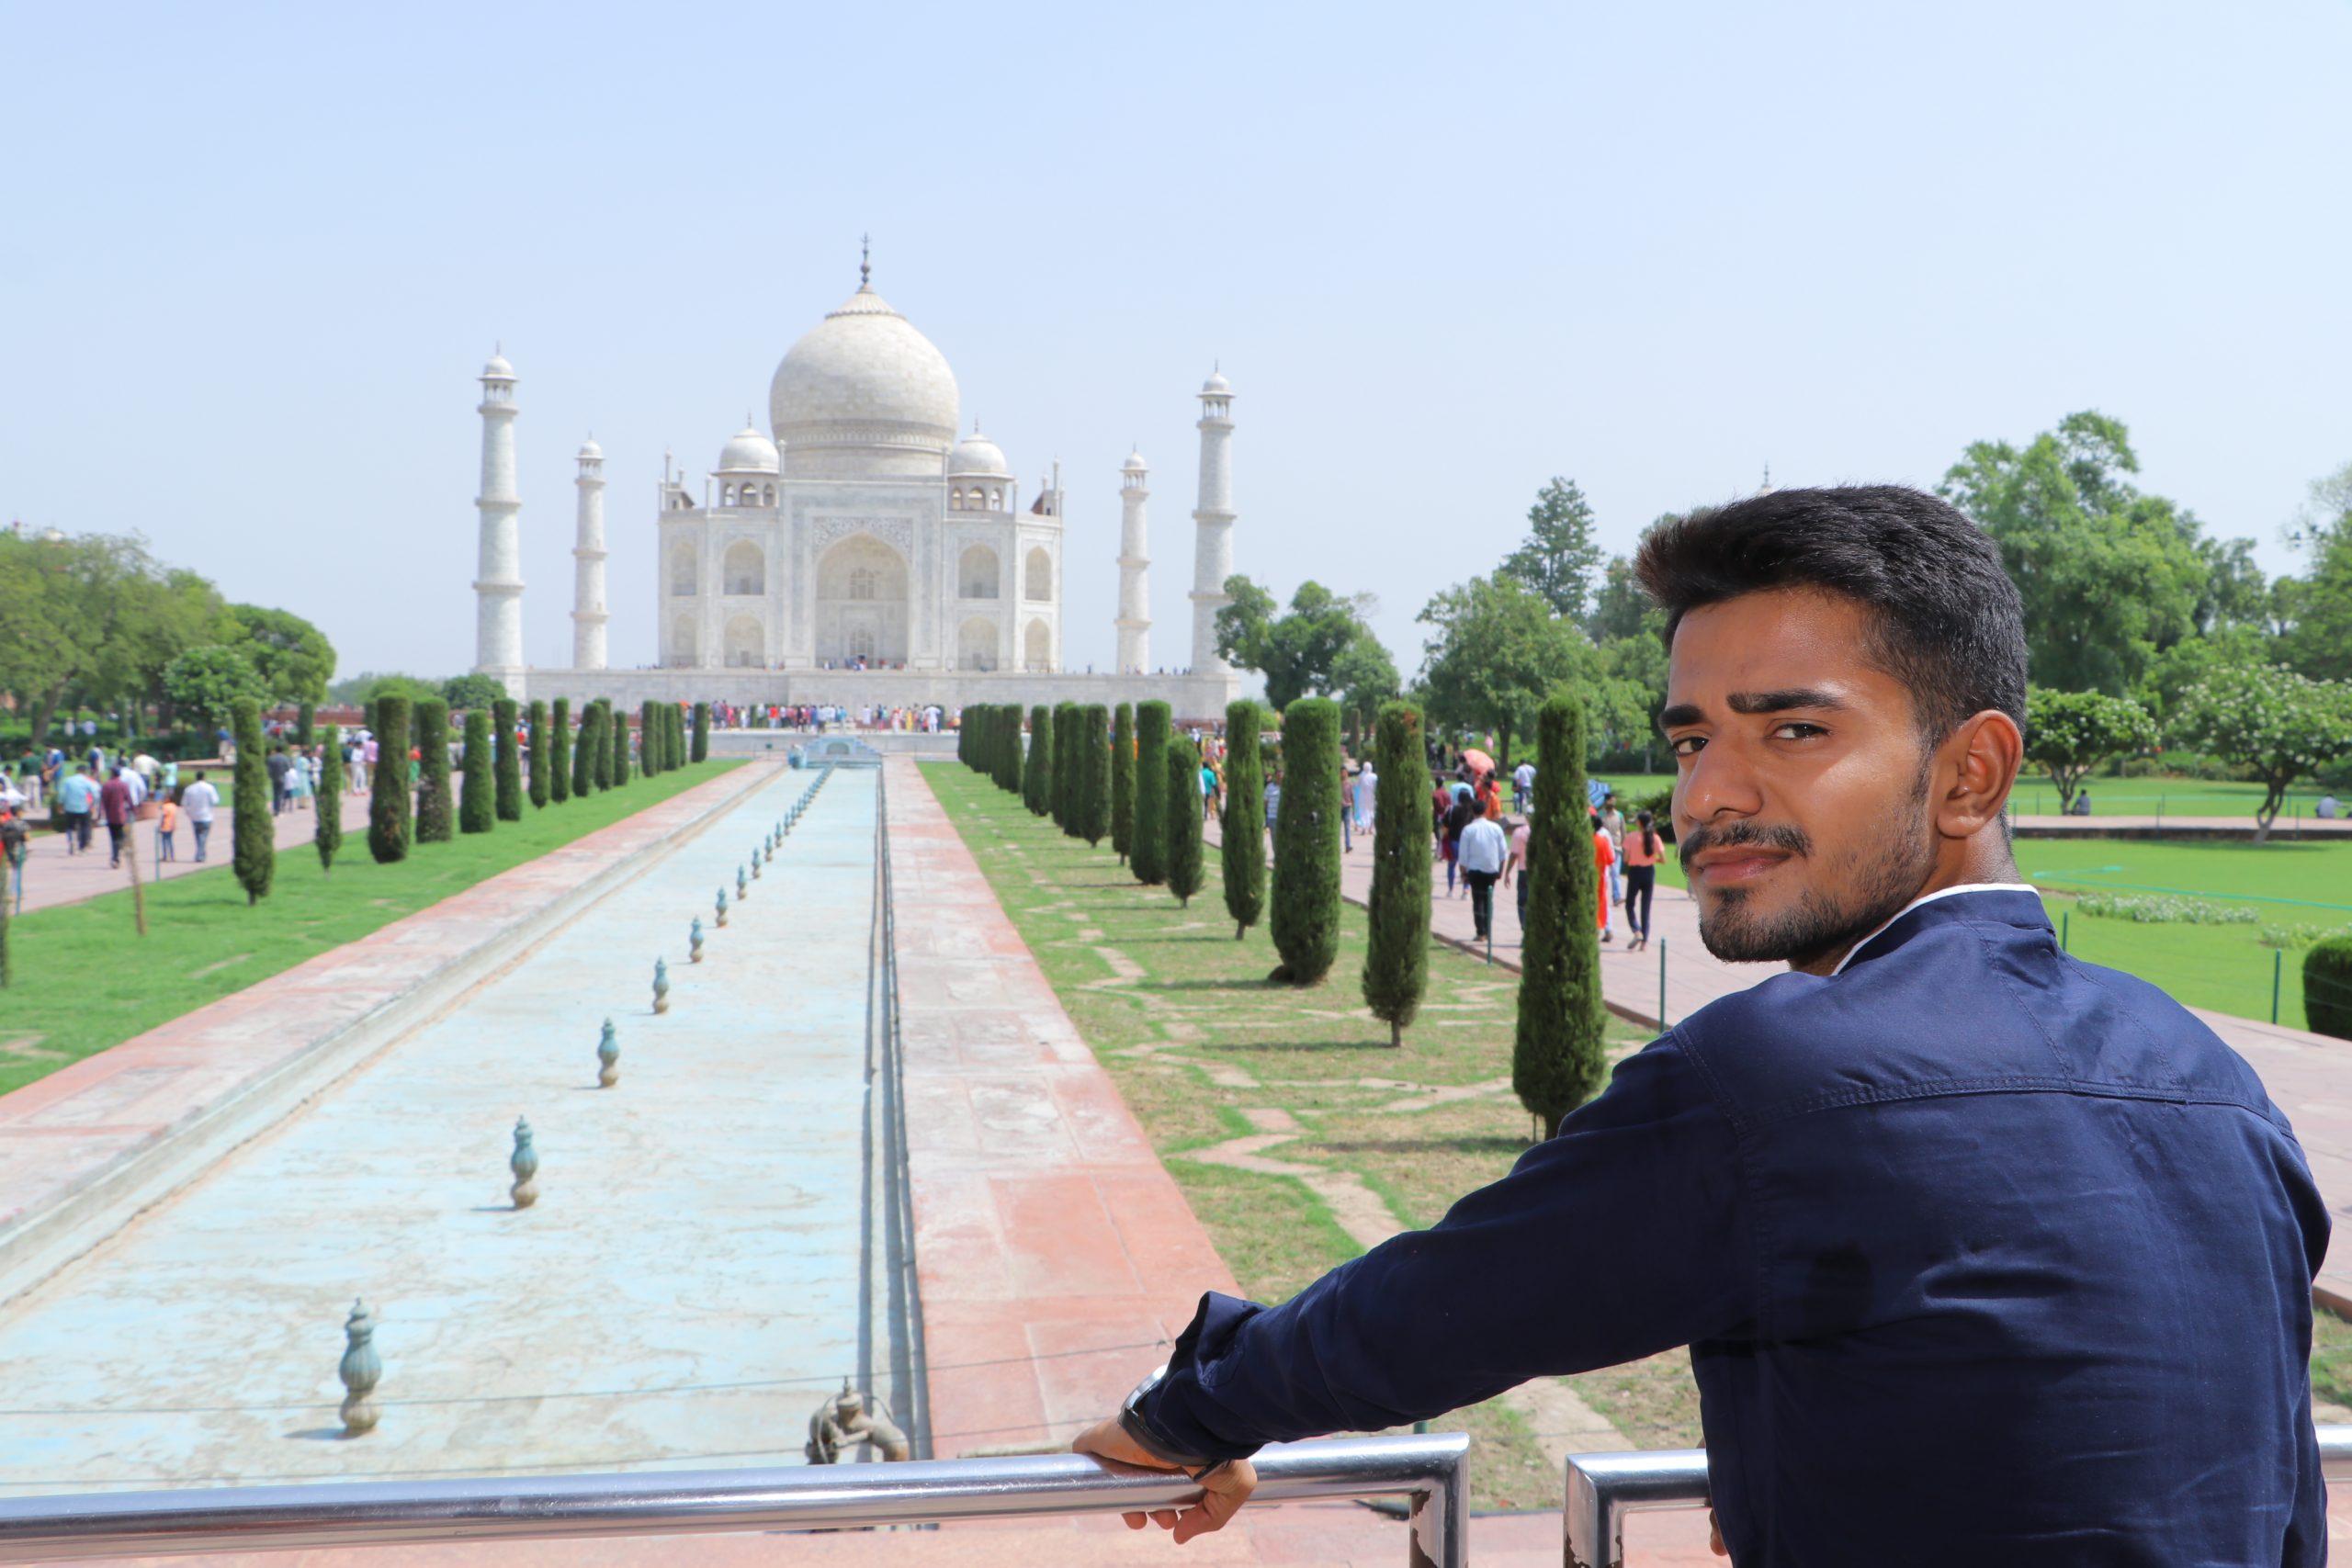 A boy at Taj Mahal